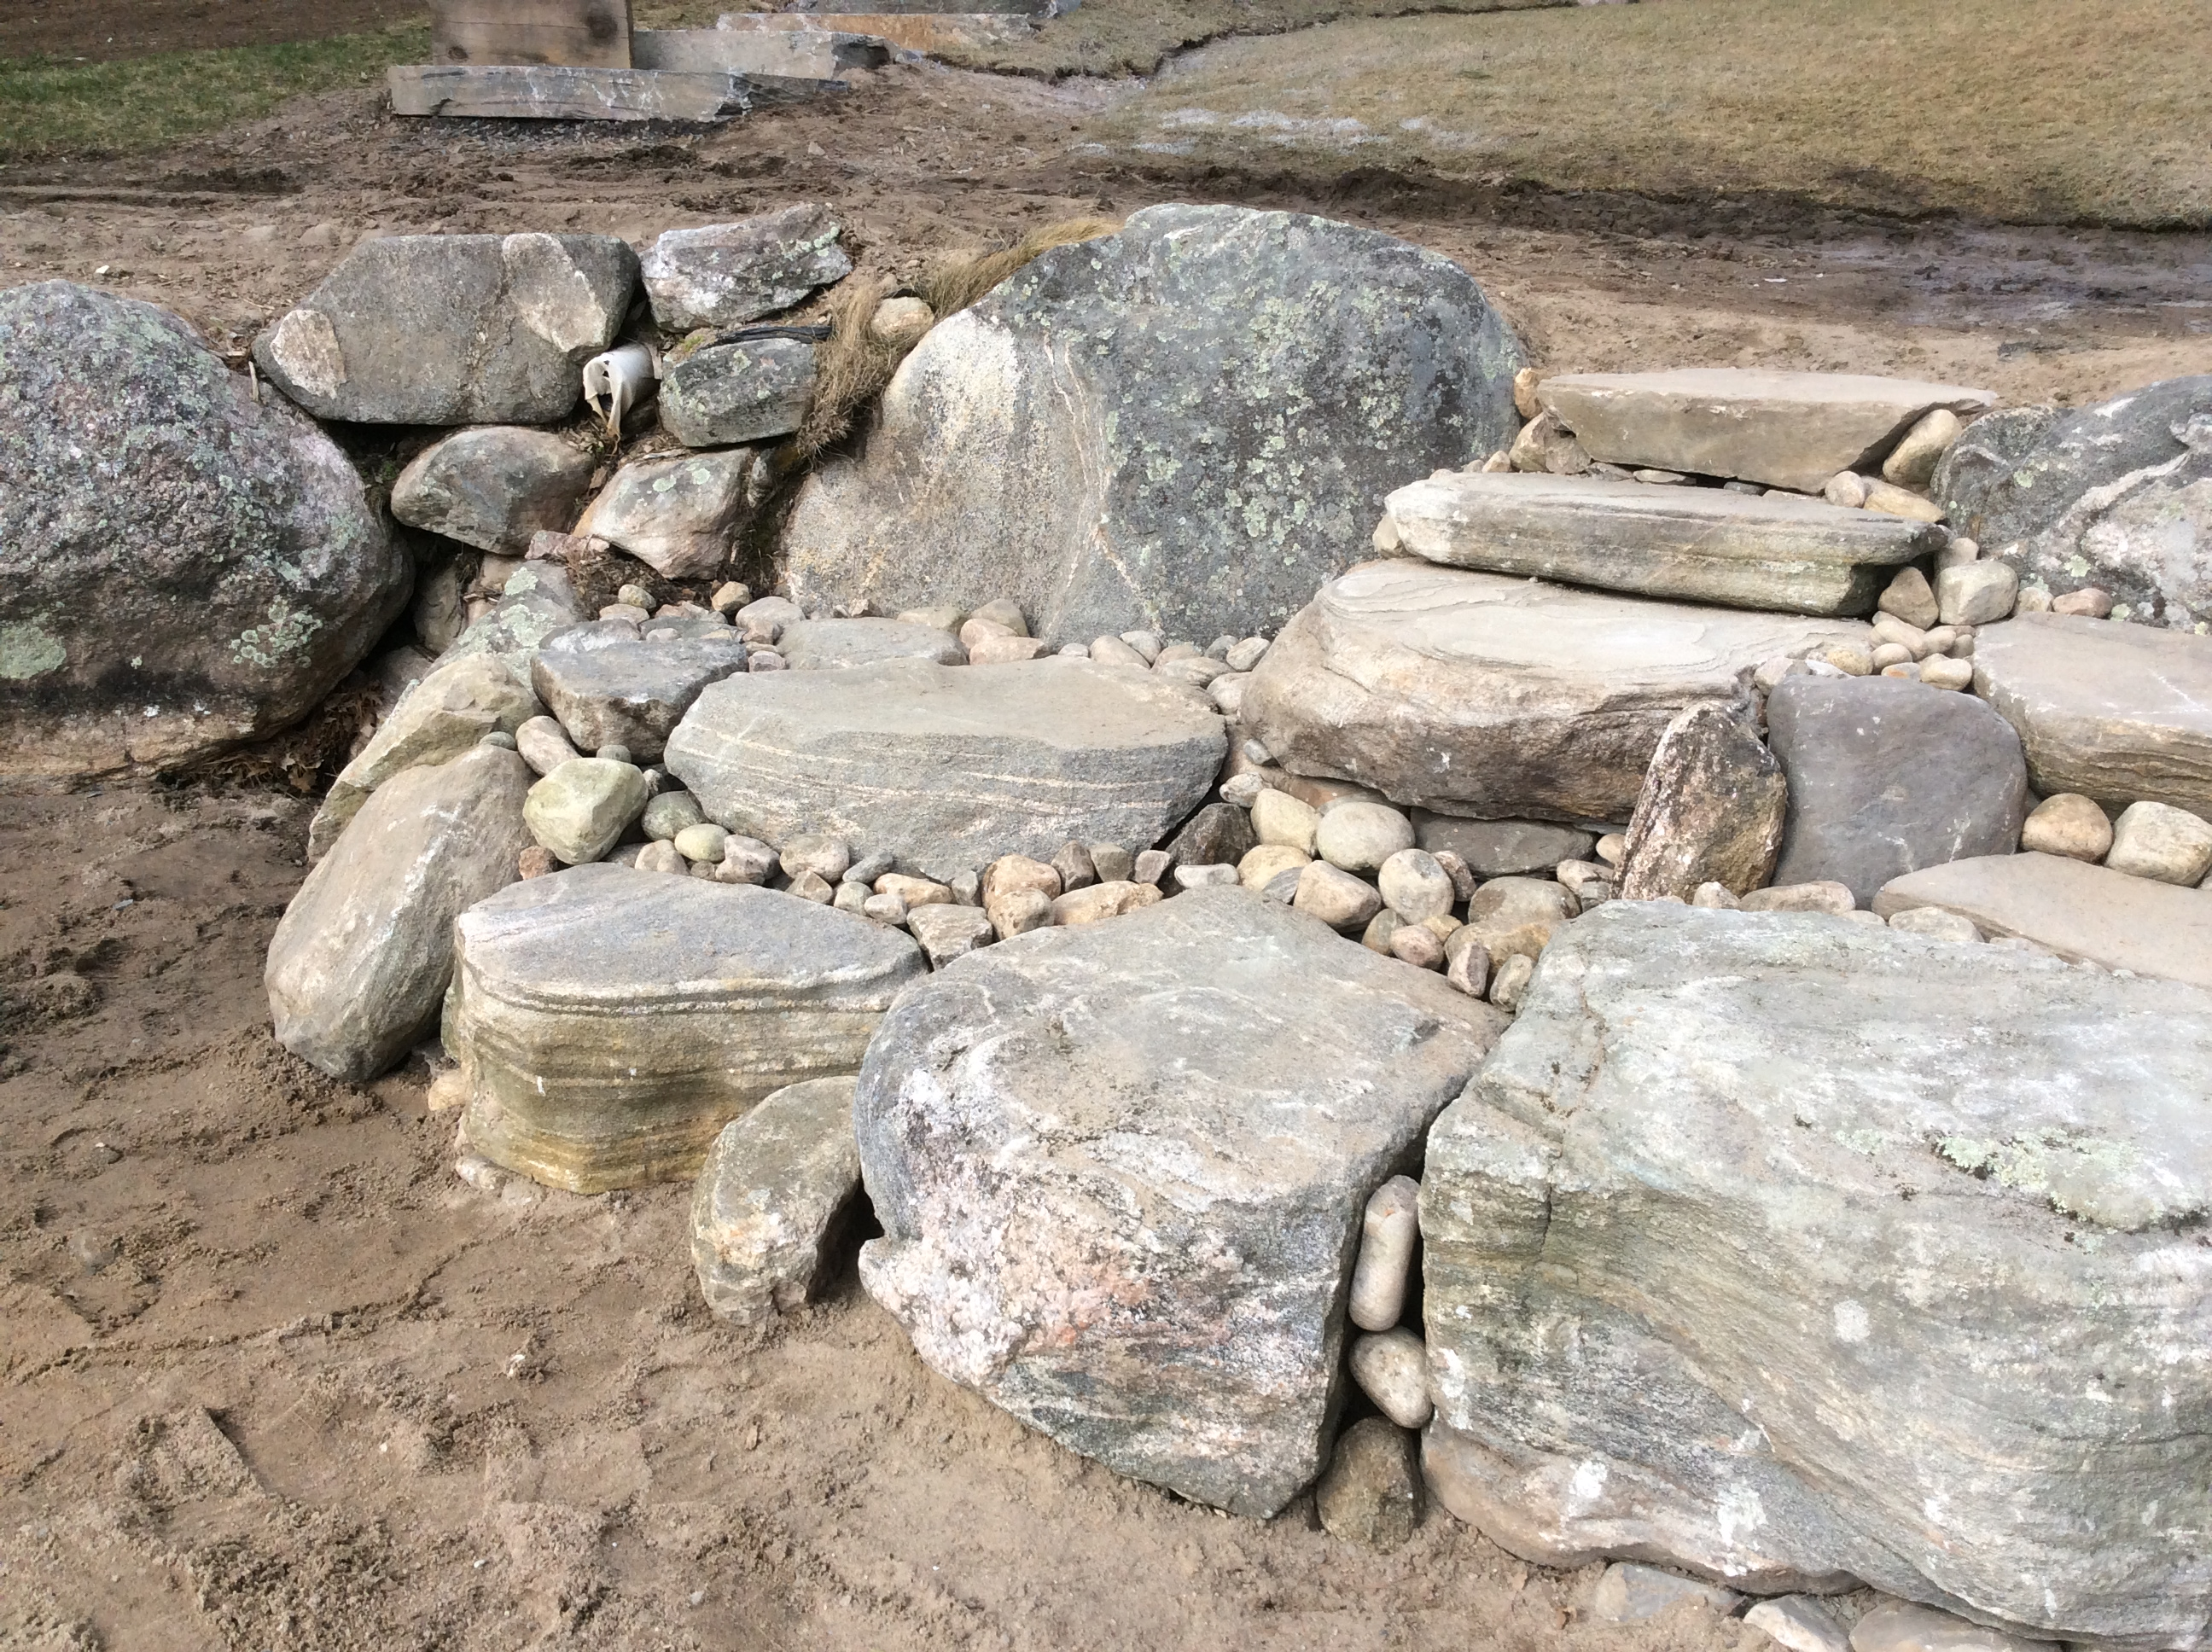 Steps from Natural Muskoka Granite Boulders